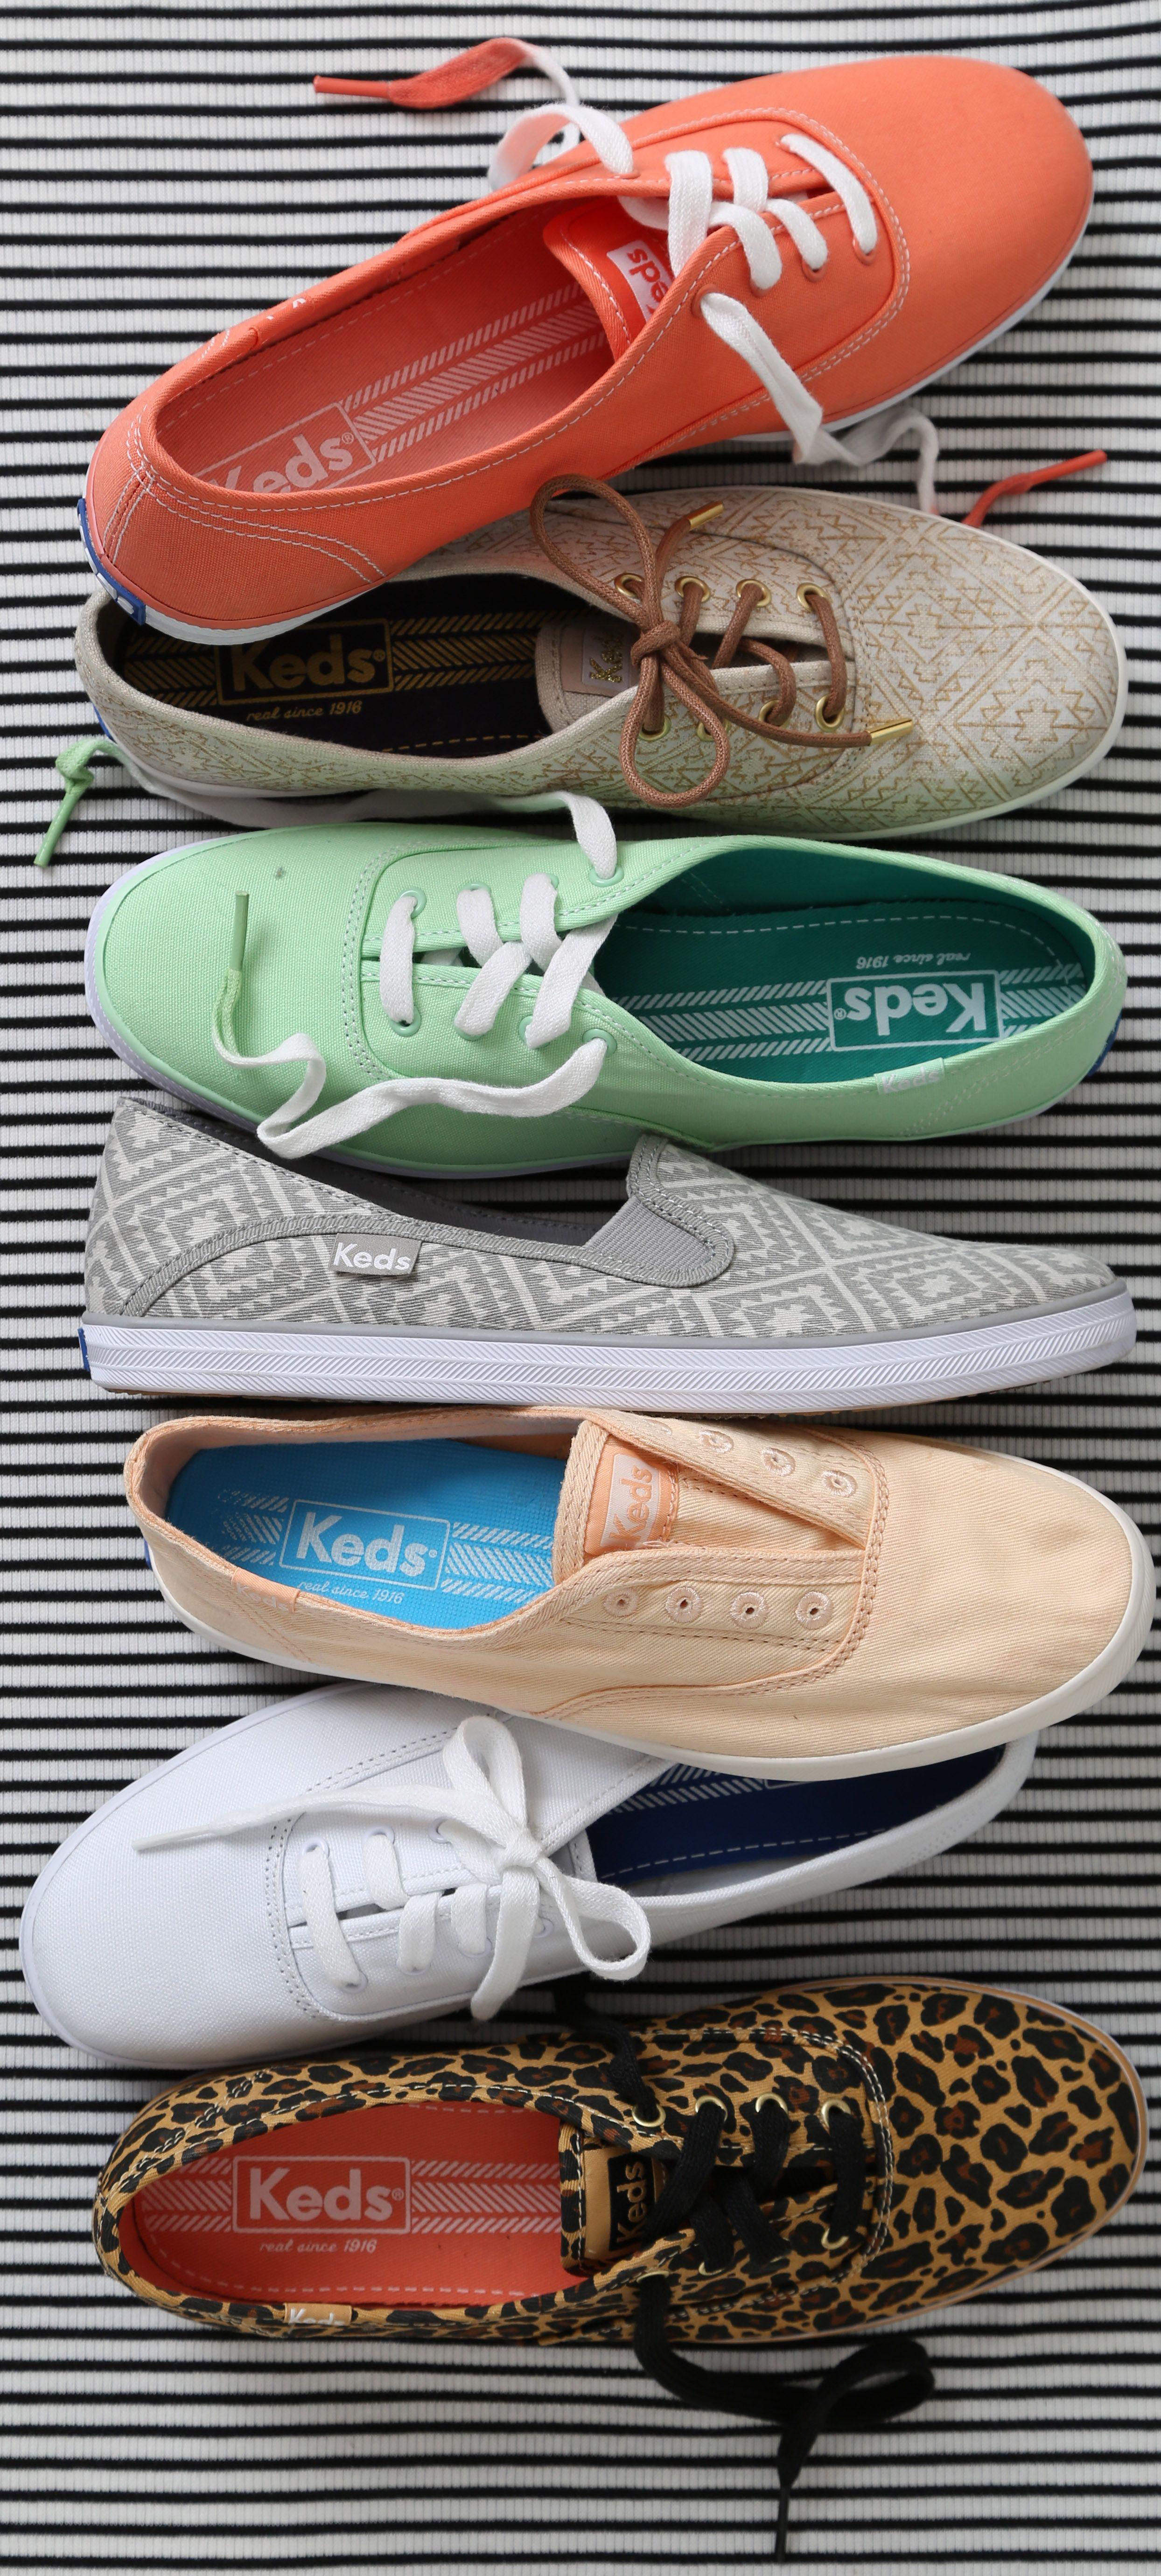 49d167e3115bc Women s Keds Casual Shoes   Tennis Shoes